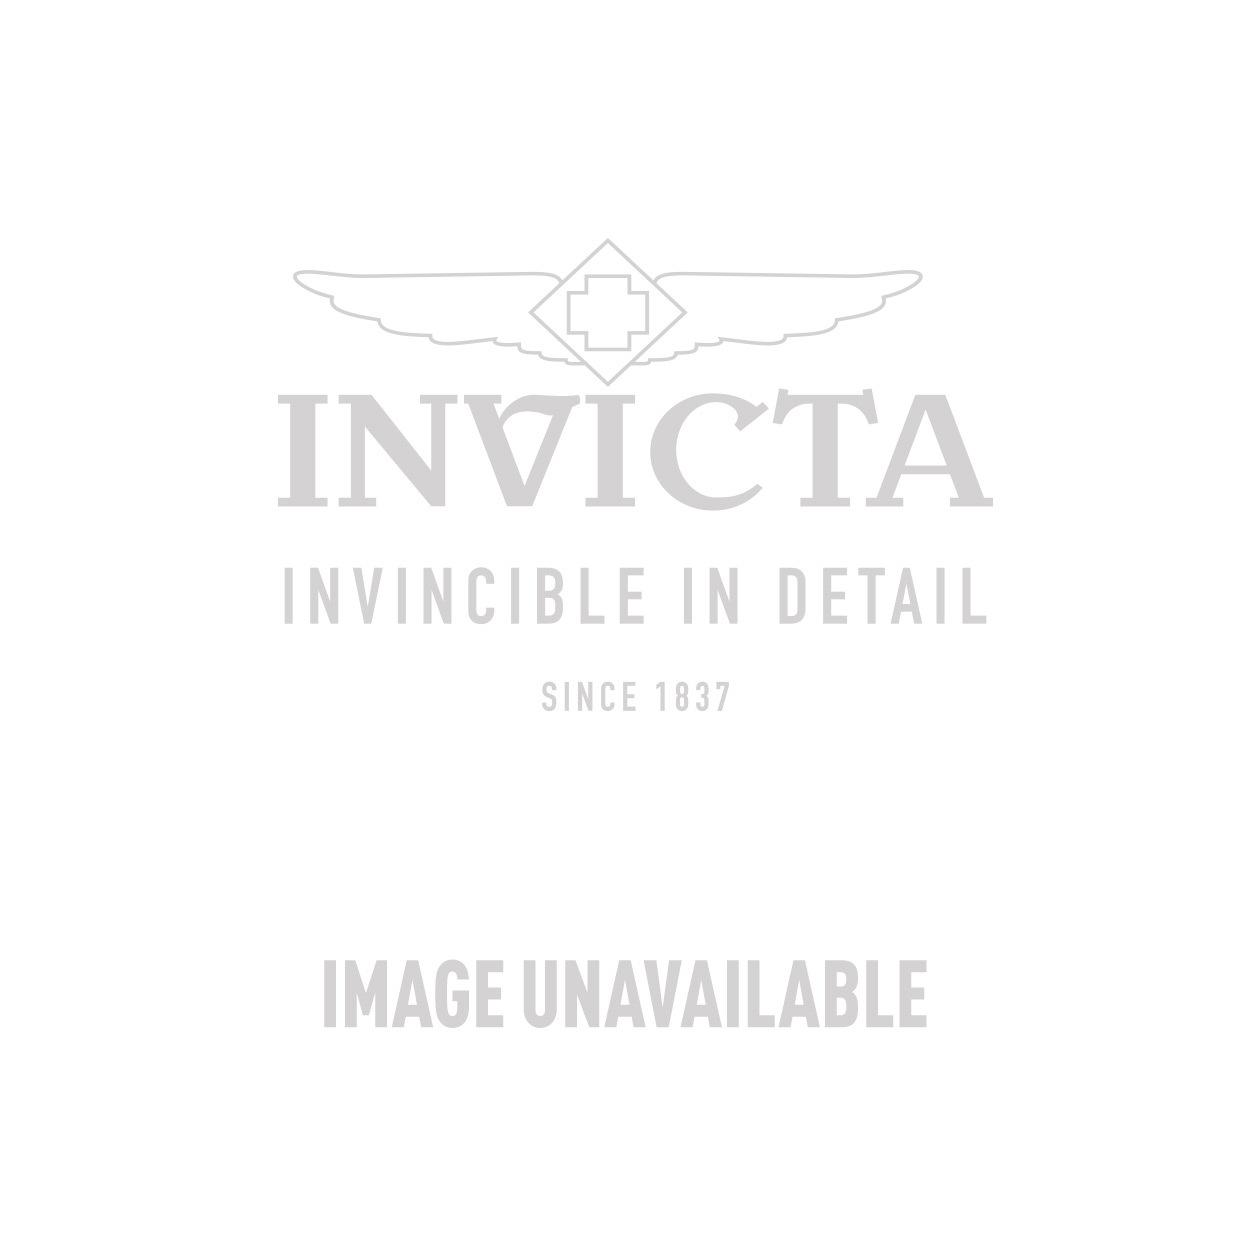 Invicta Model 25186